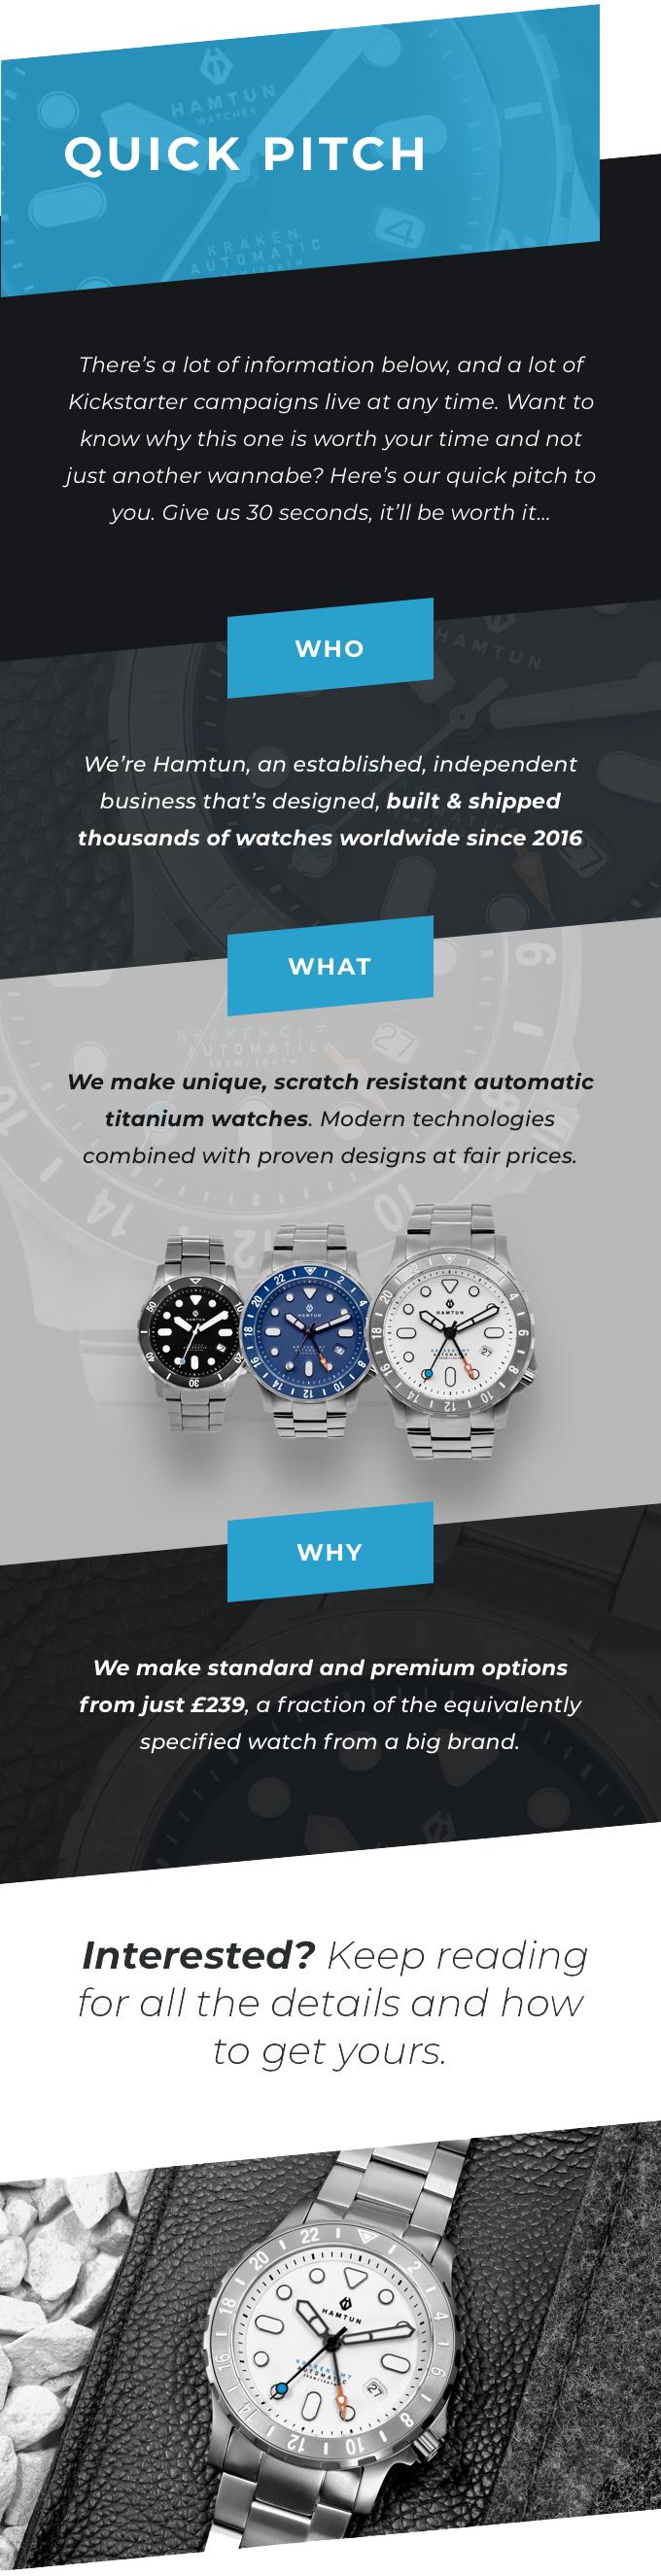 Hamtun Kraken H3. A titanium watch-GadgetAny